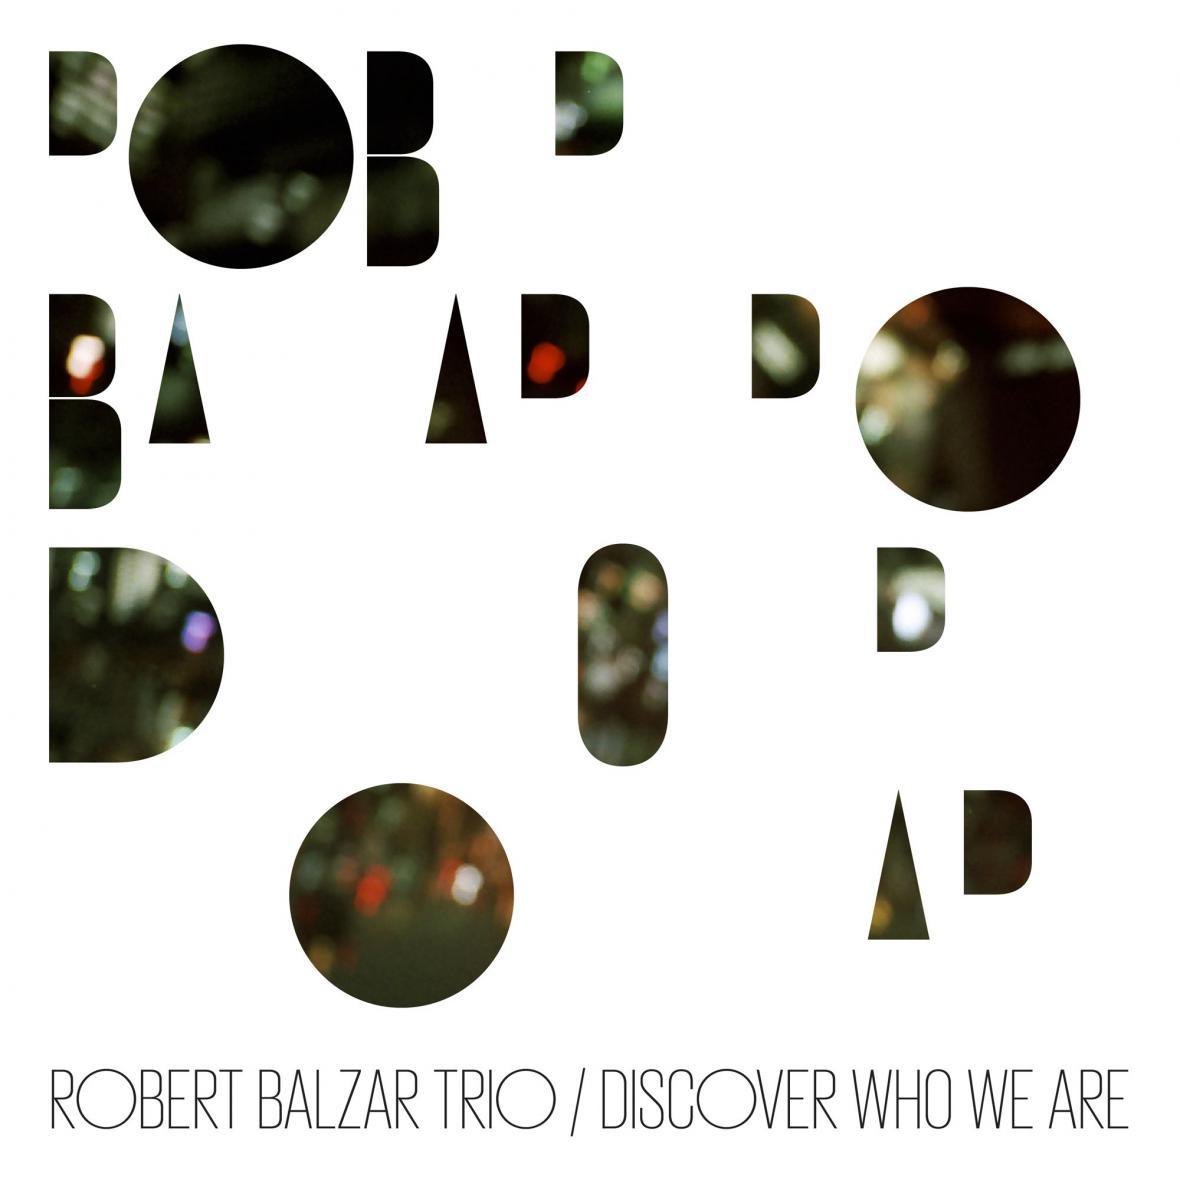 Robert Balzar Trio / Discover Who We Are